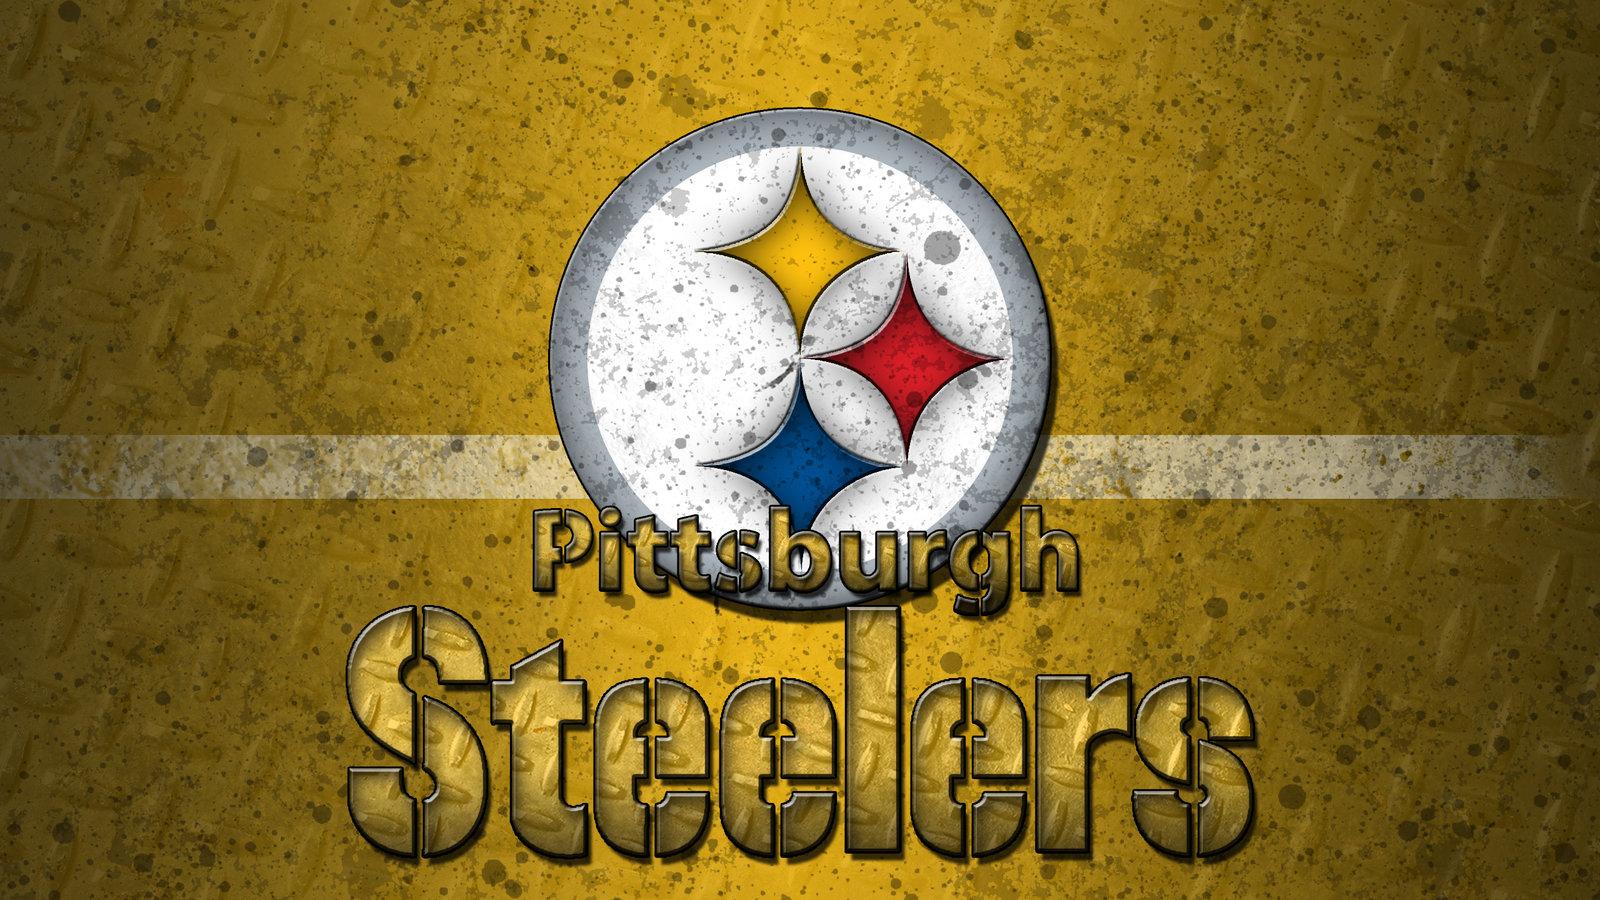 Pittsburgh Steelers 2015 Wallpaper